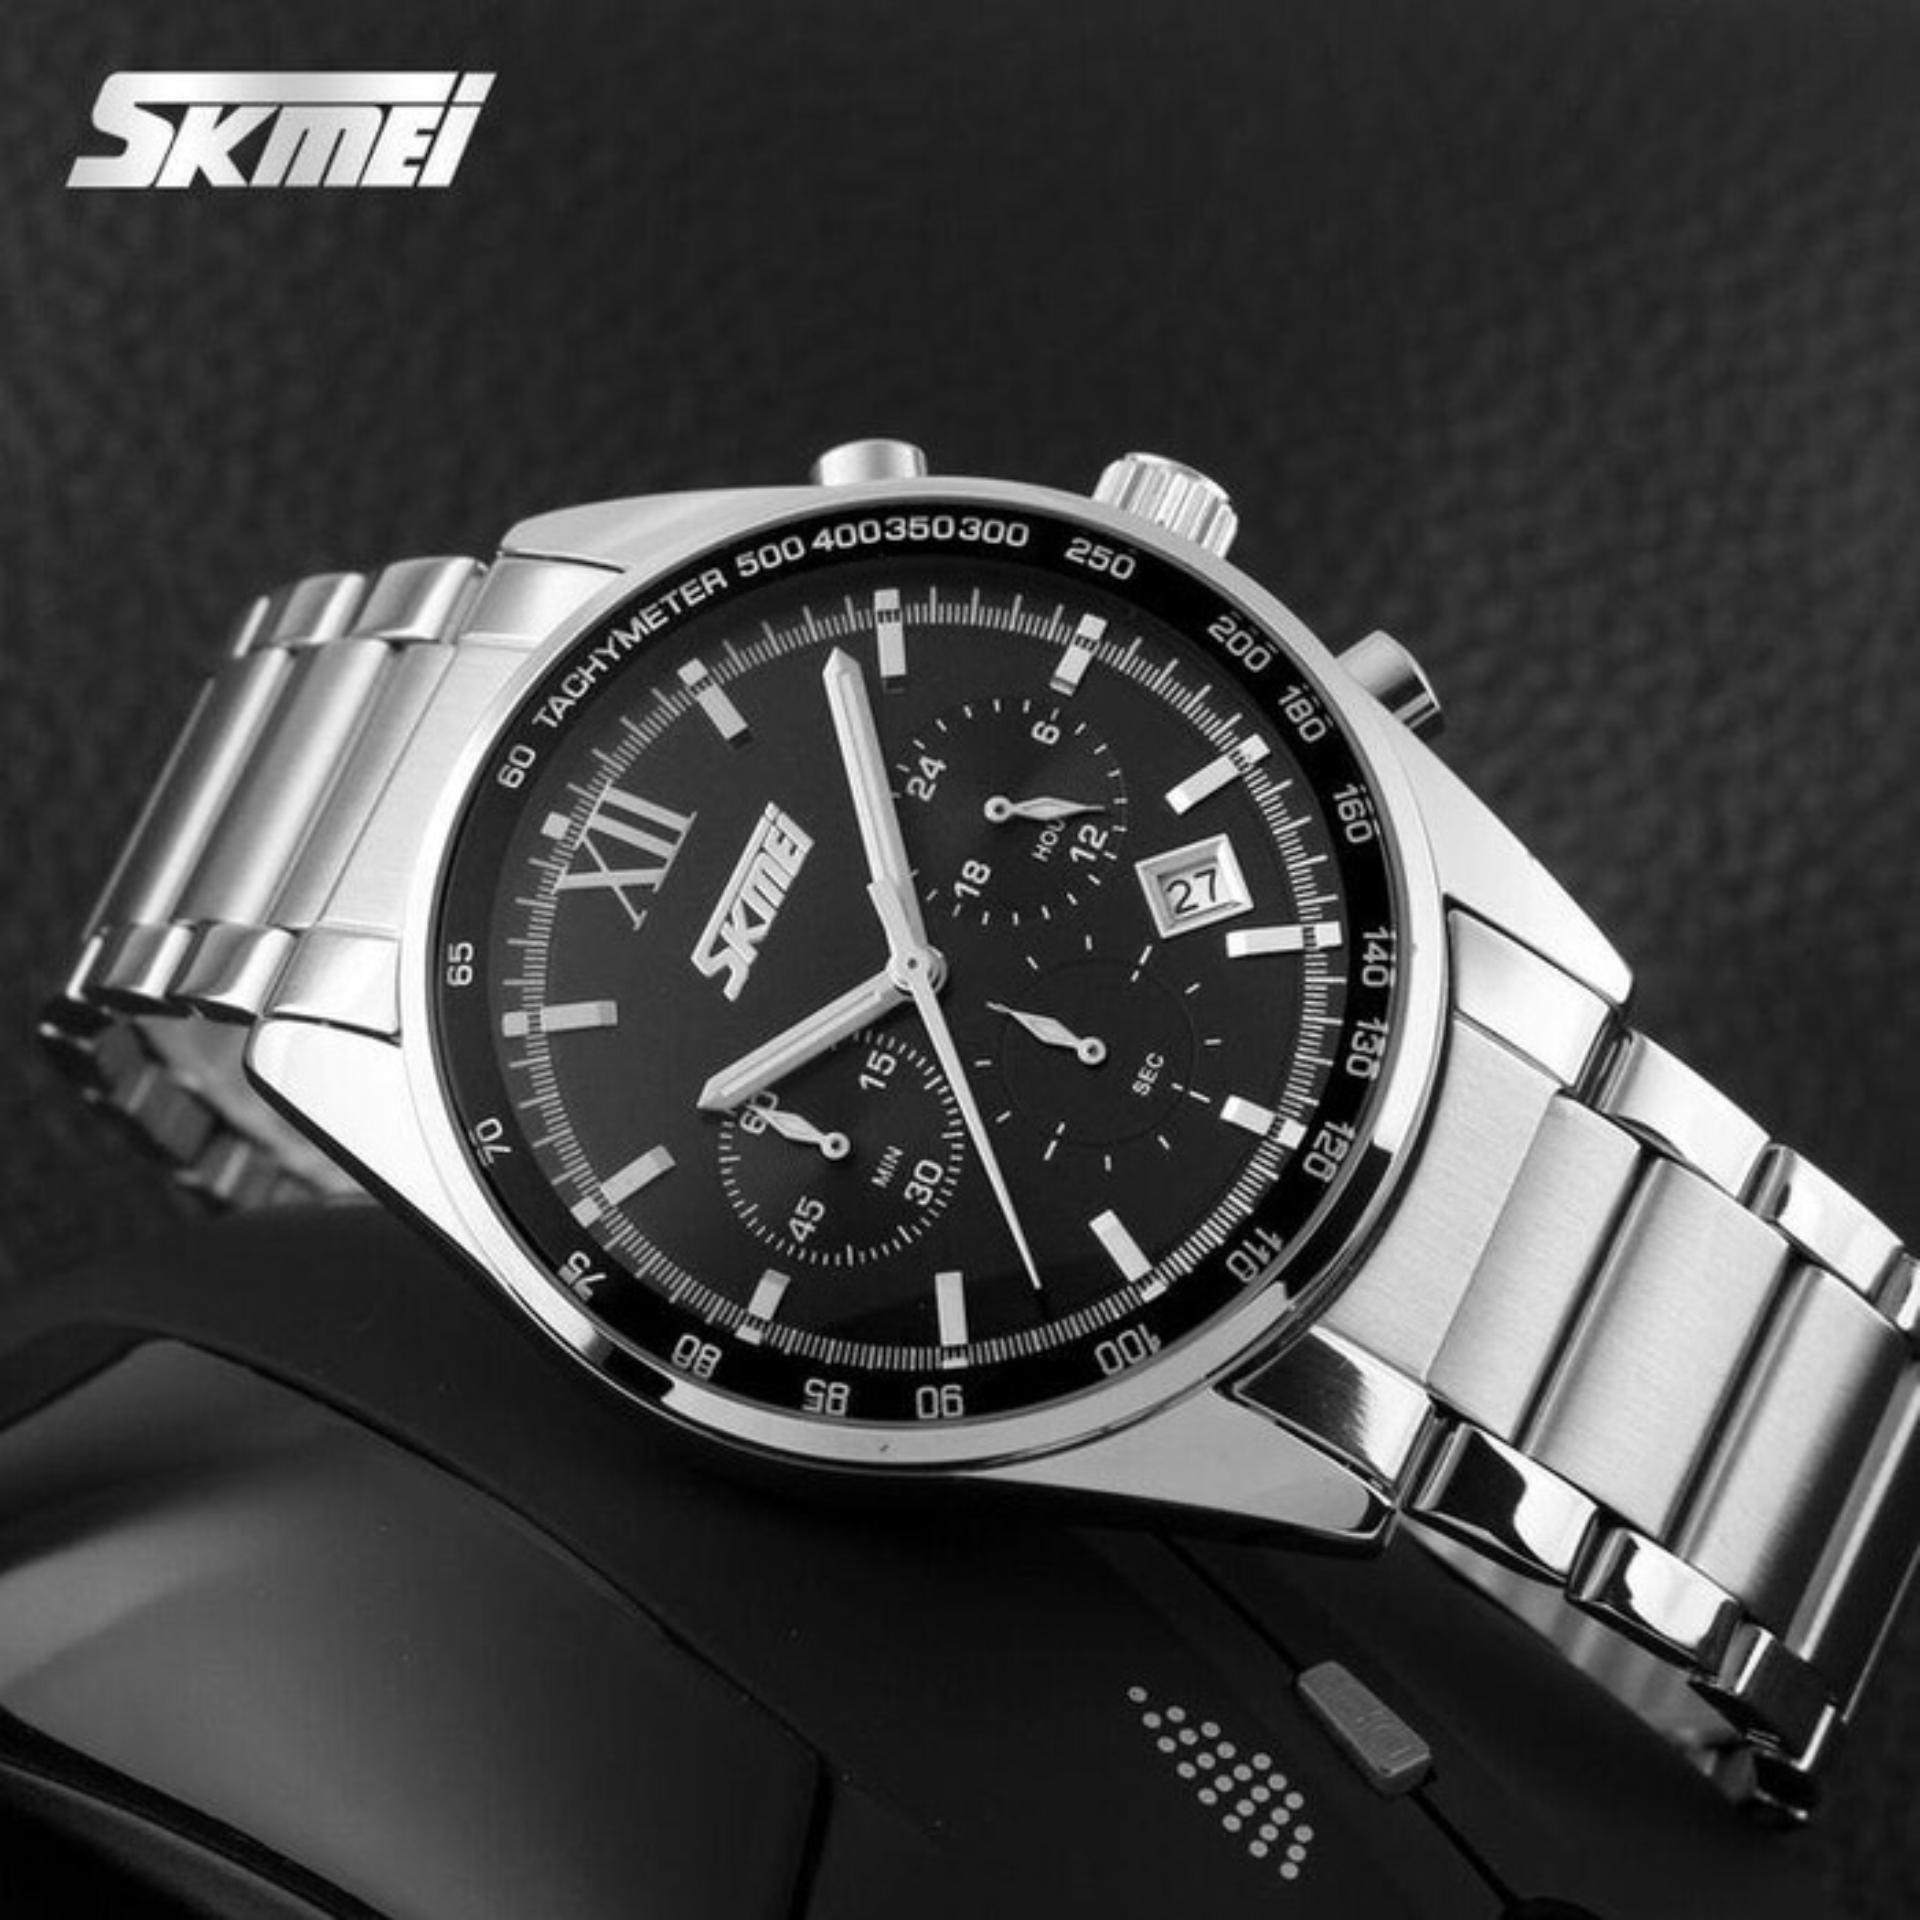 Anggaran Terbaik Jam Tangan Pria Formal Chrono Stopwatch Skmei Ori 9096 Black